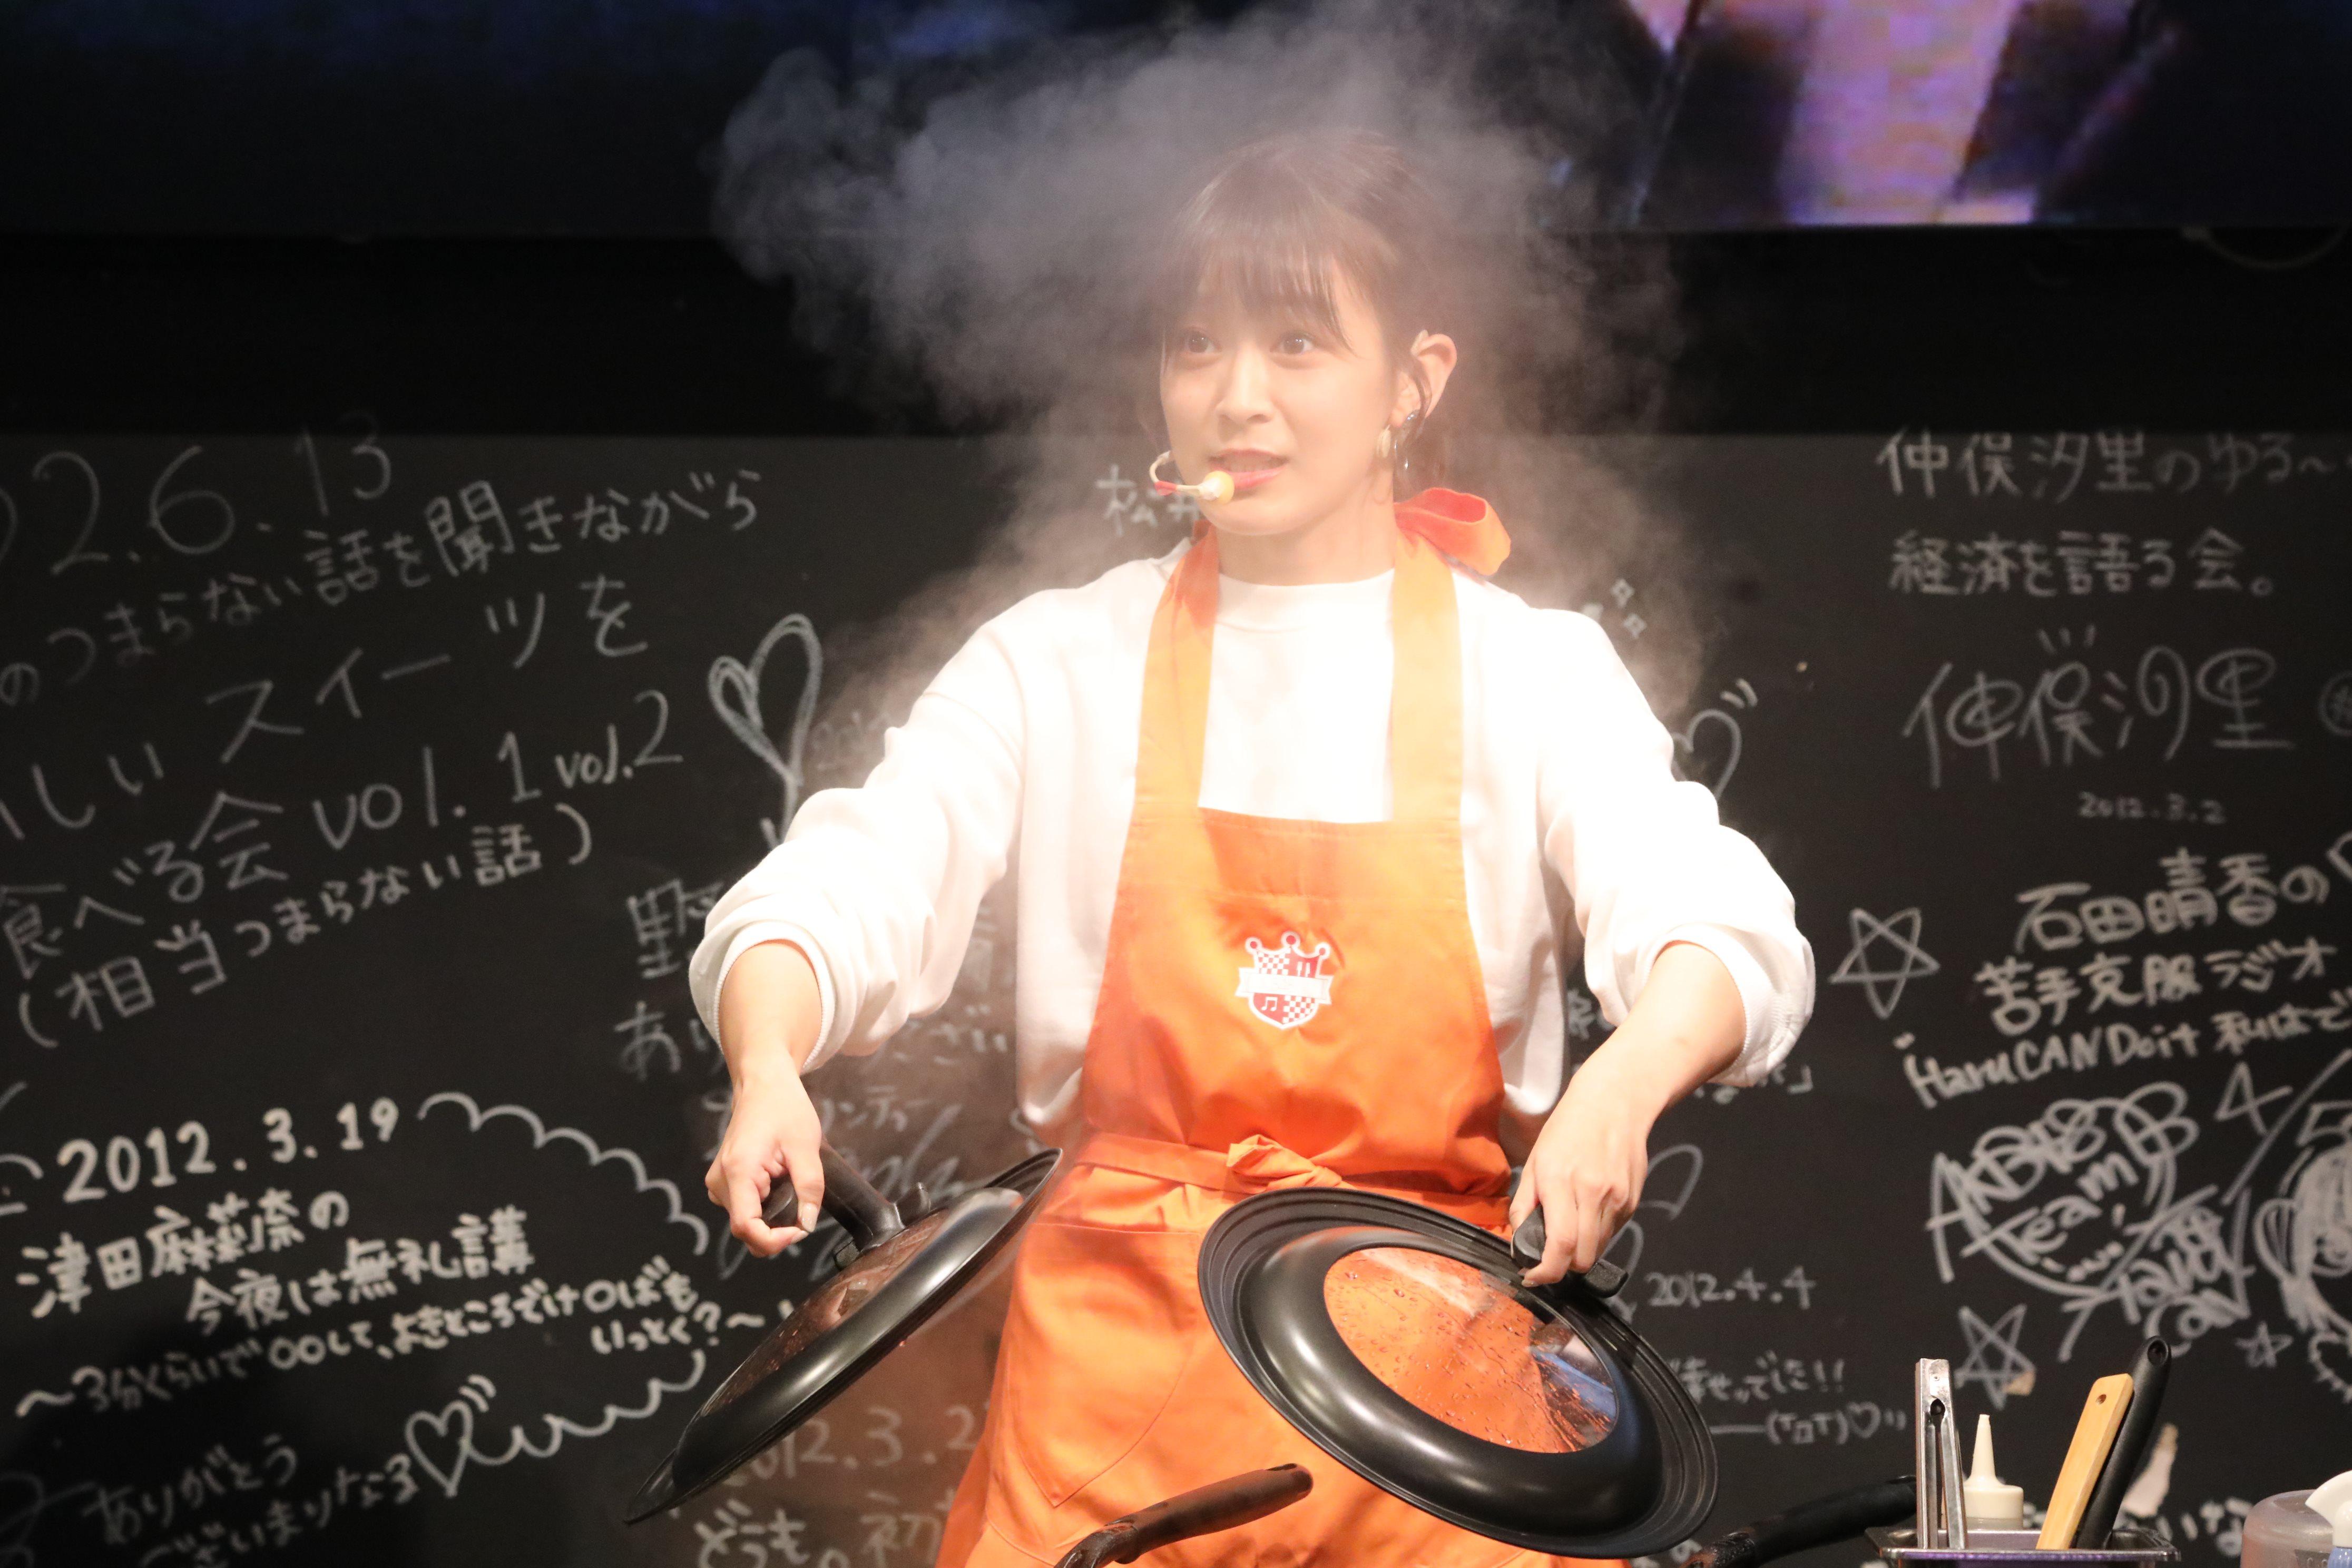 餃子作りを披露する太田奈緒